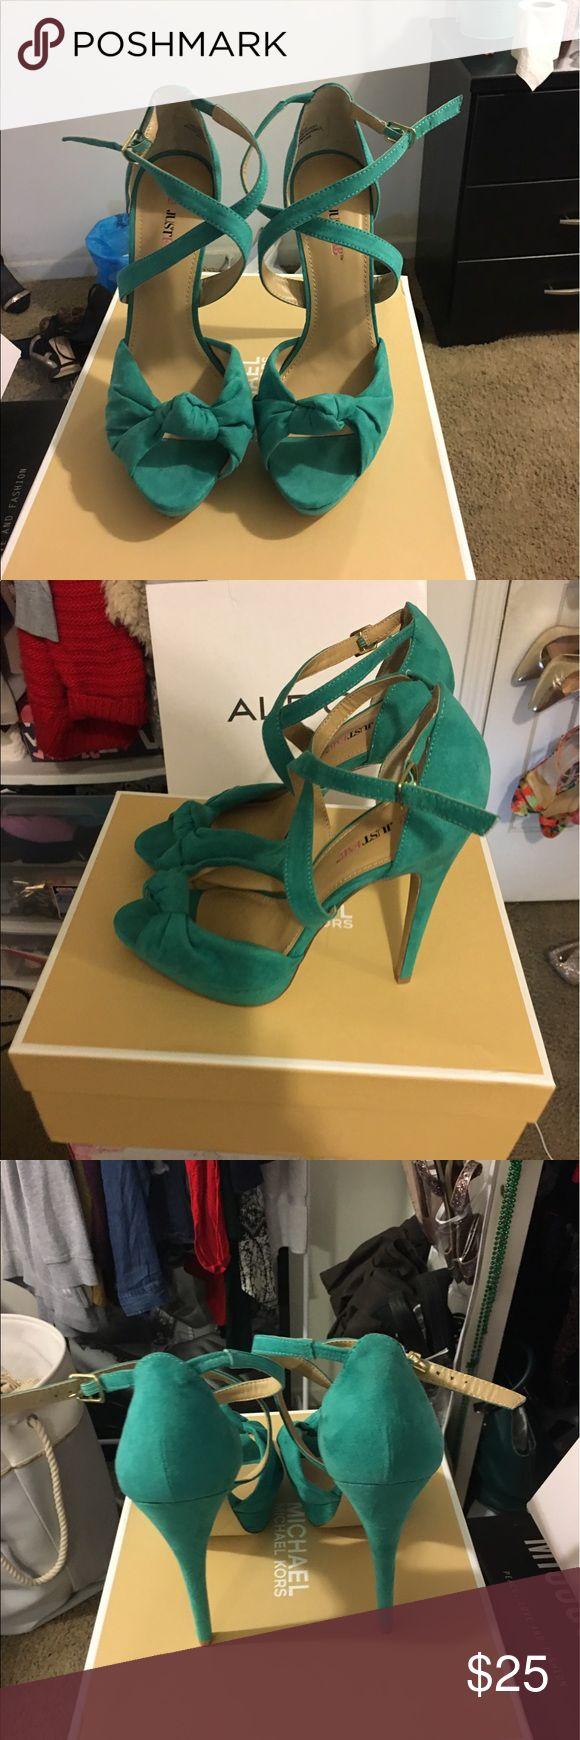 JustFab Sea Green Heels Sandals Sea Green Heeled Sandals - Never Worn JustFab Shoes Heels